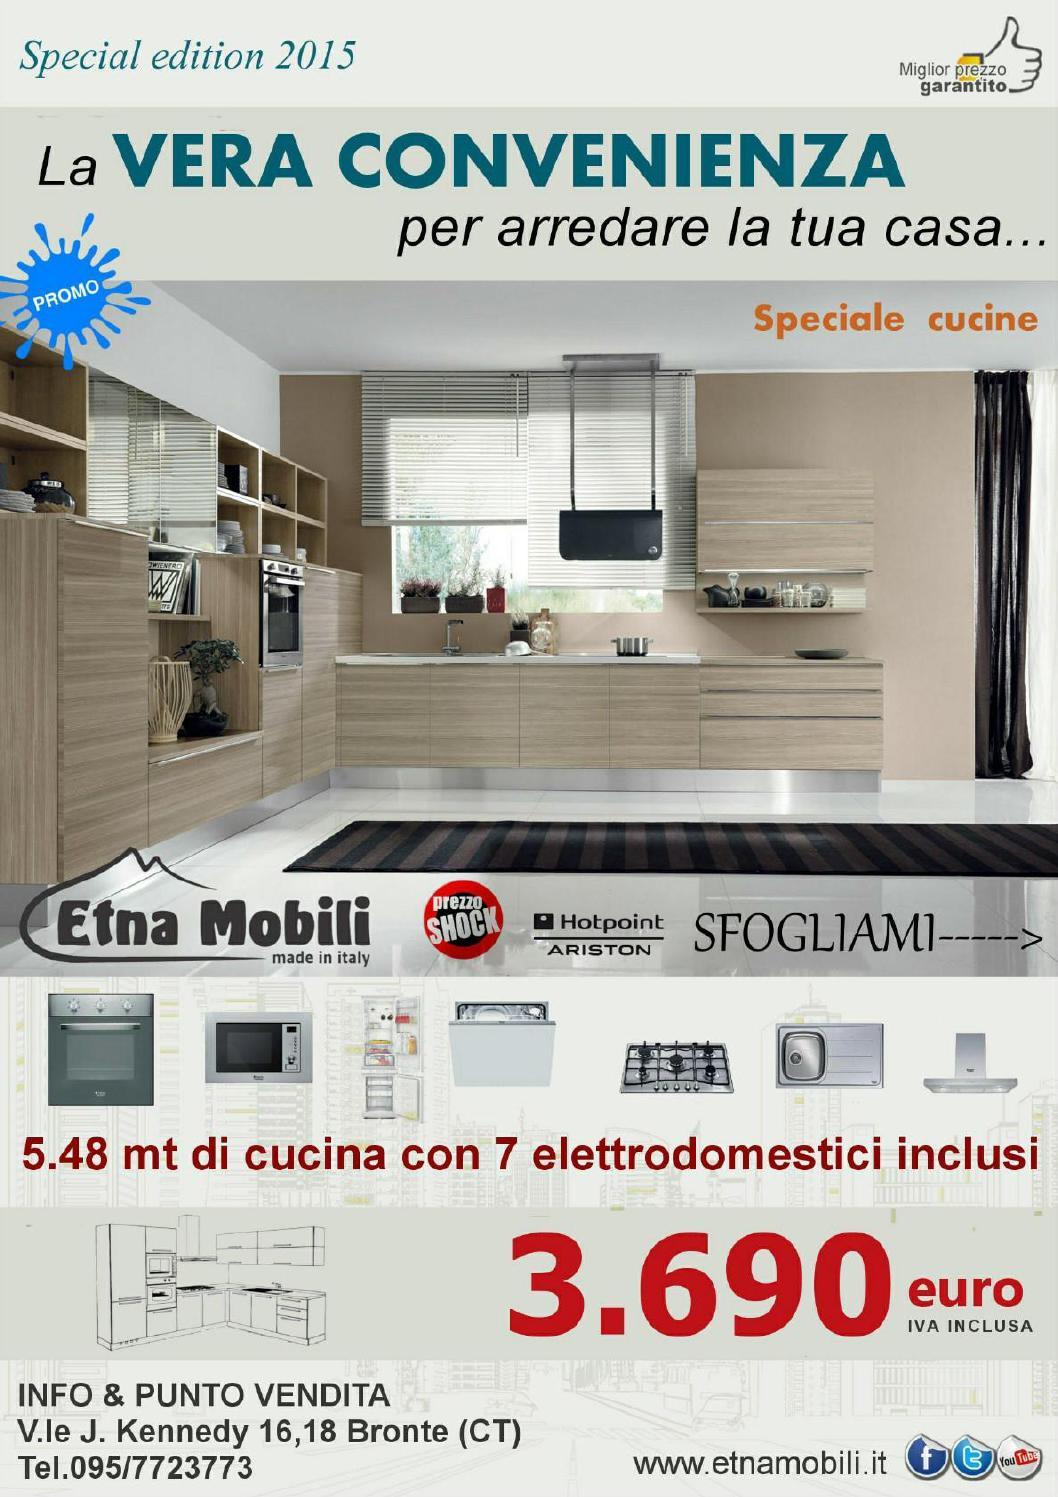 Volantino brochure etna mobili 2014 2015 by etna mobili for Mobili catania offerte